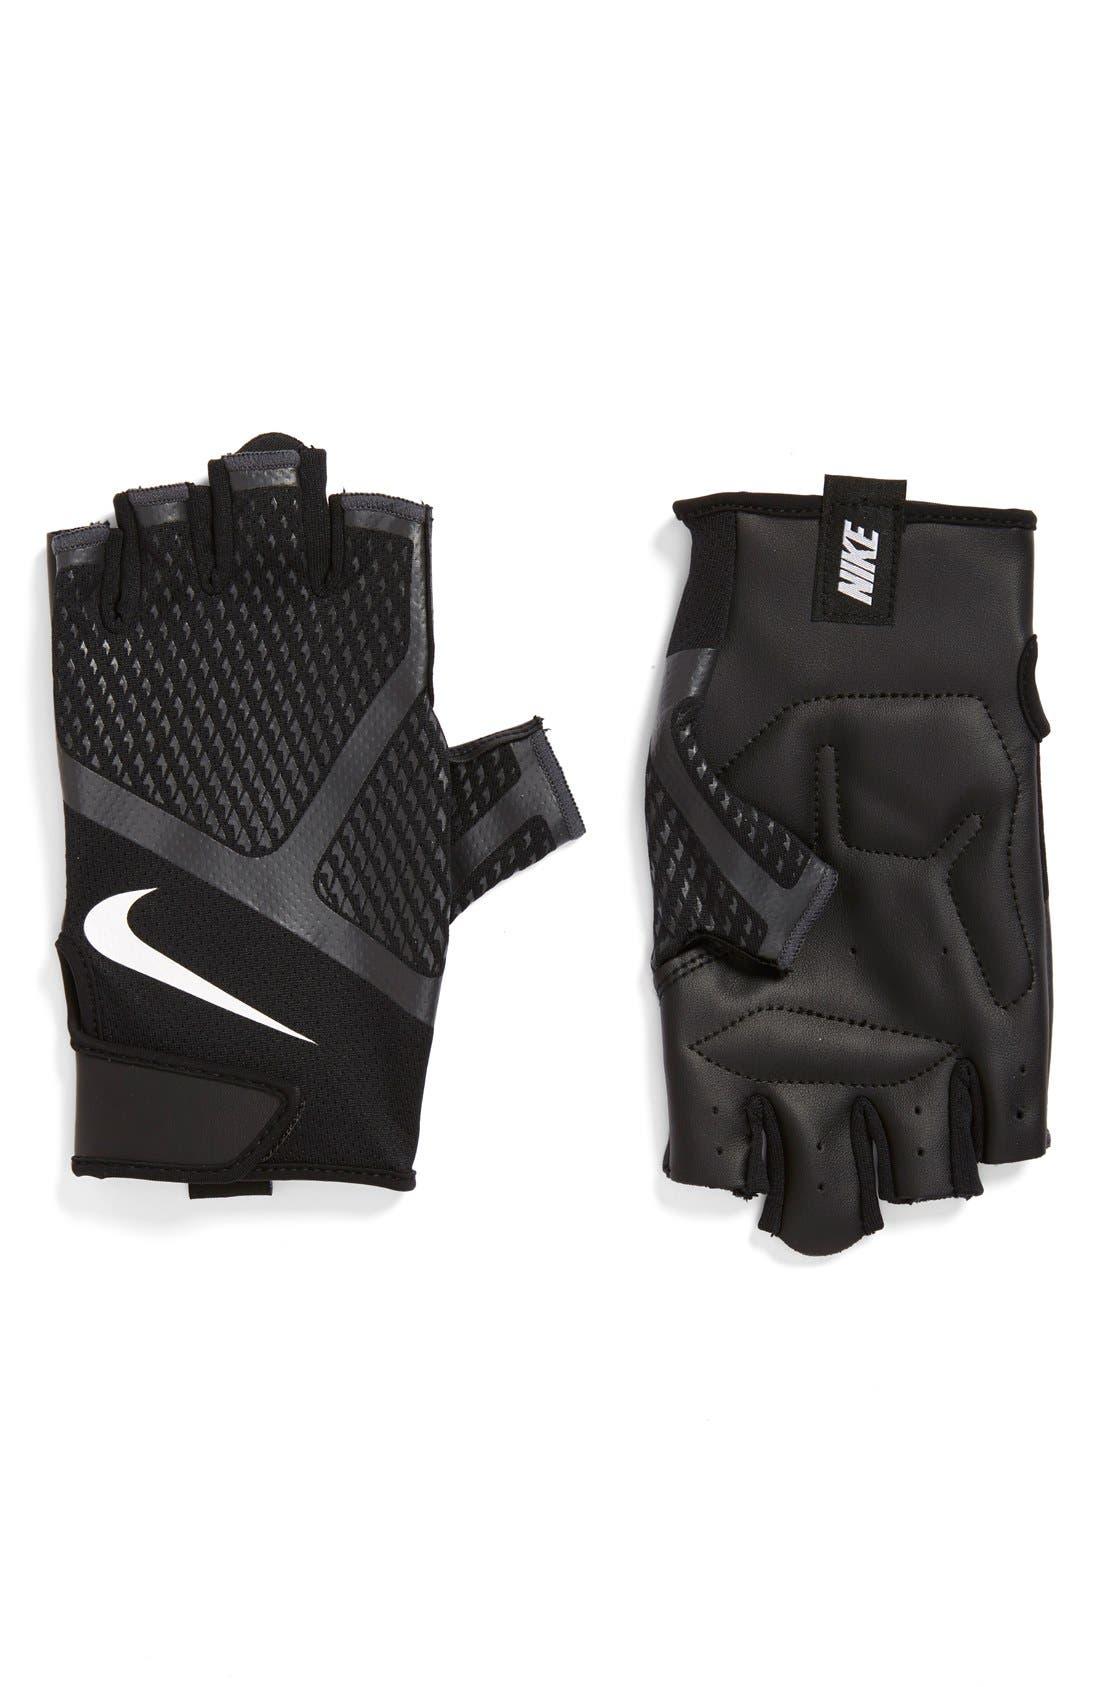 'Renegade' Fingerless Padded Training Gloves,                         Main,                         color, Black/ White